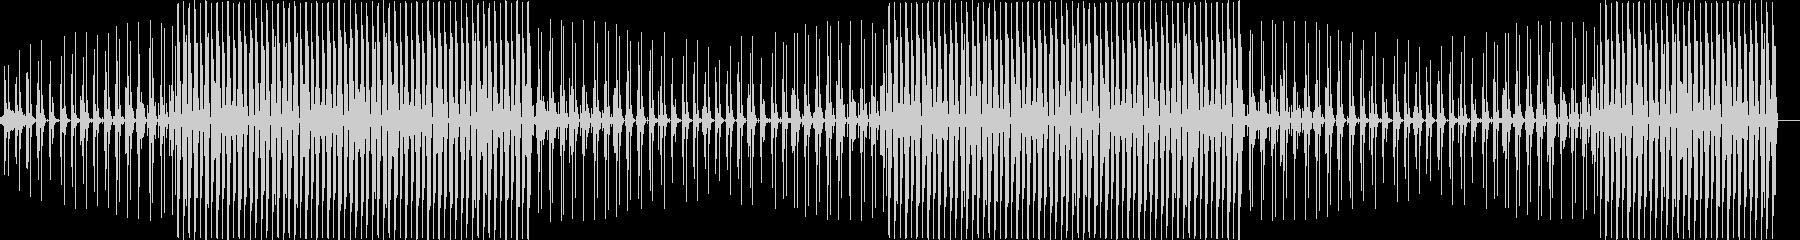 ディープでムーディなハウスミュージックの未再生の波形